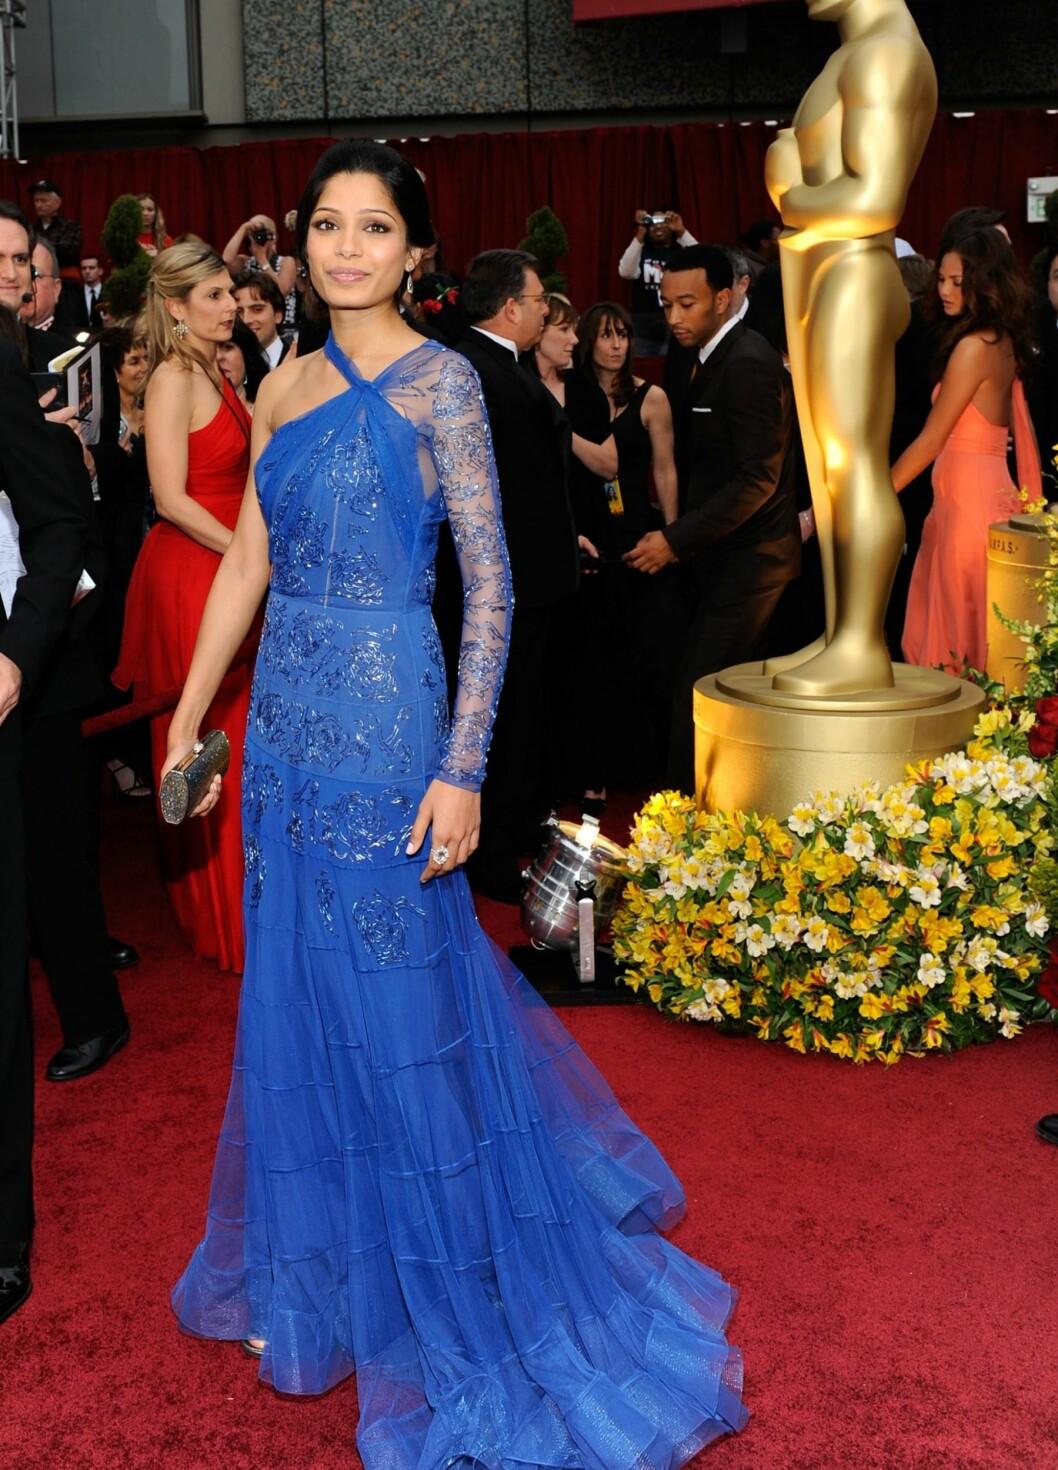 Skuespiller Freida Pinto har ingenting å skamme seg over på den røde løperen i denne flotte kreasjonen. Foto: All Over Press